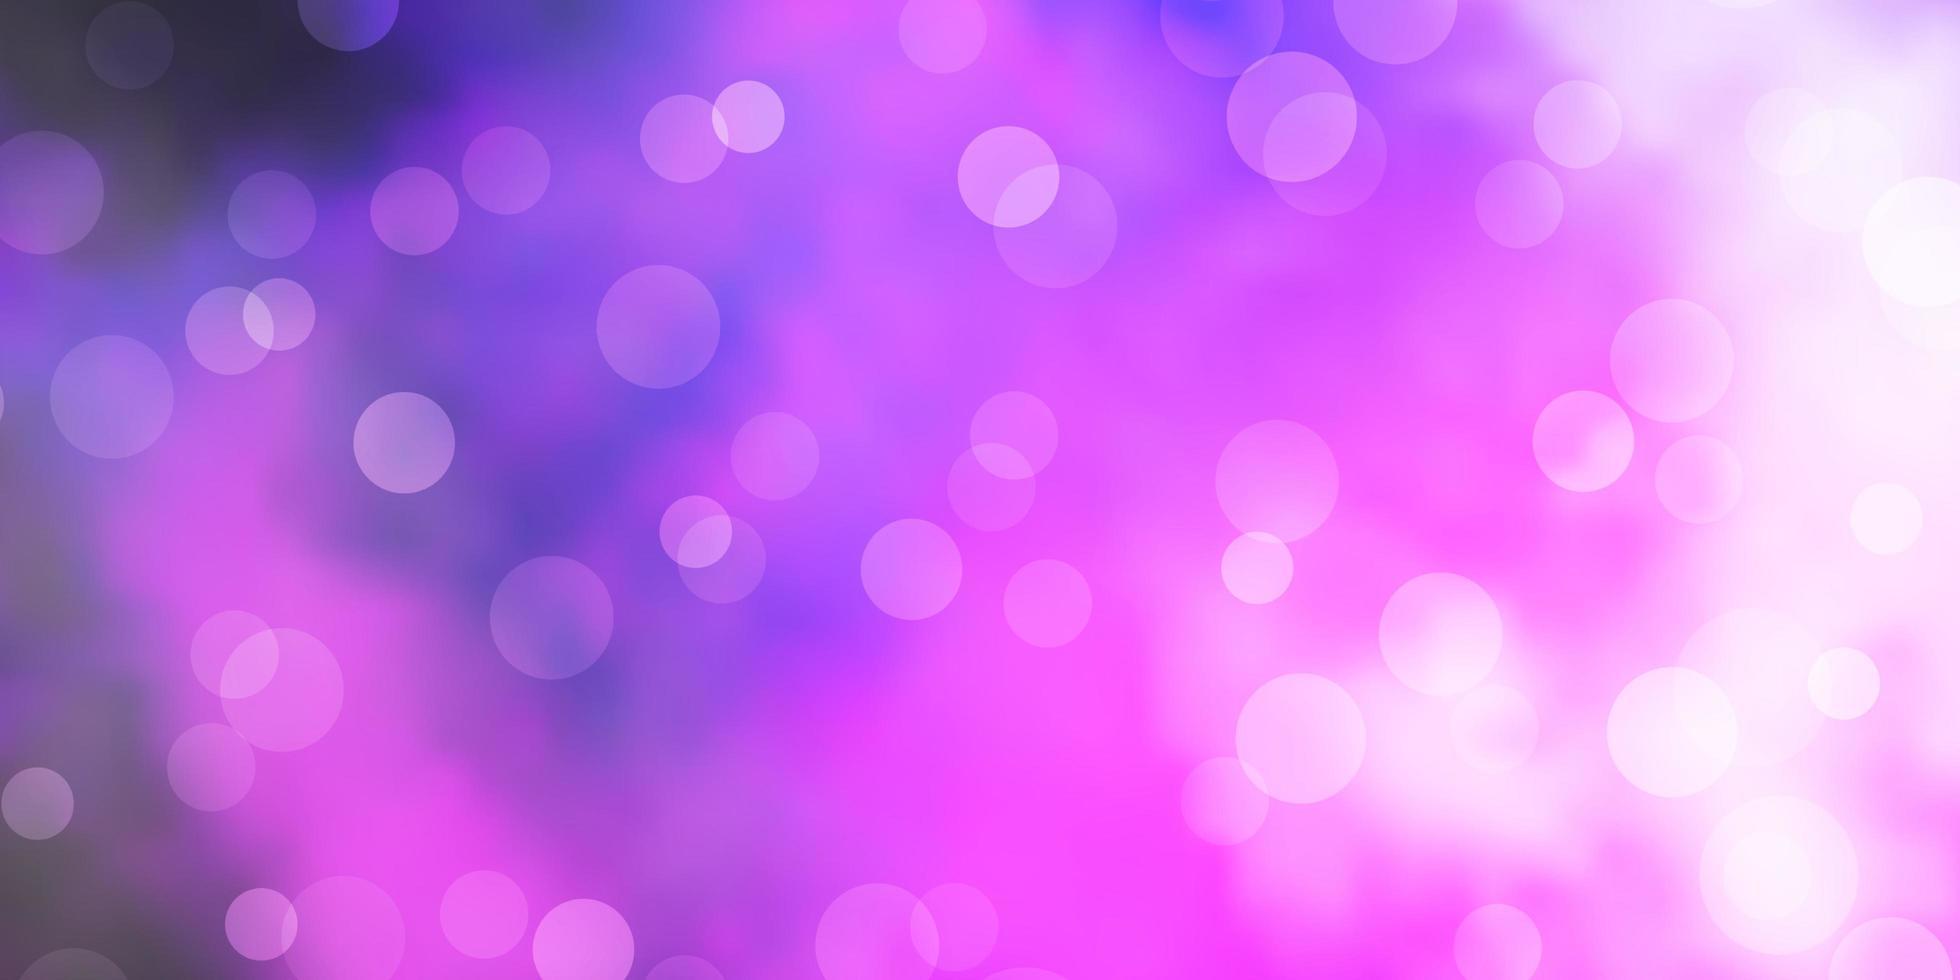 modello vettoriale viola chiaro, rosa con sfere.